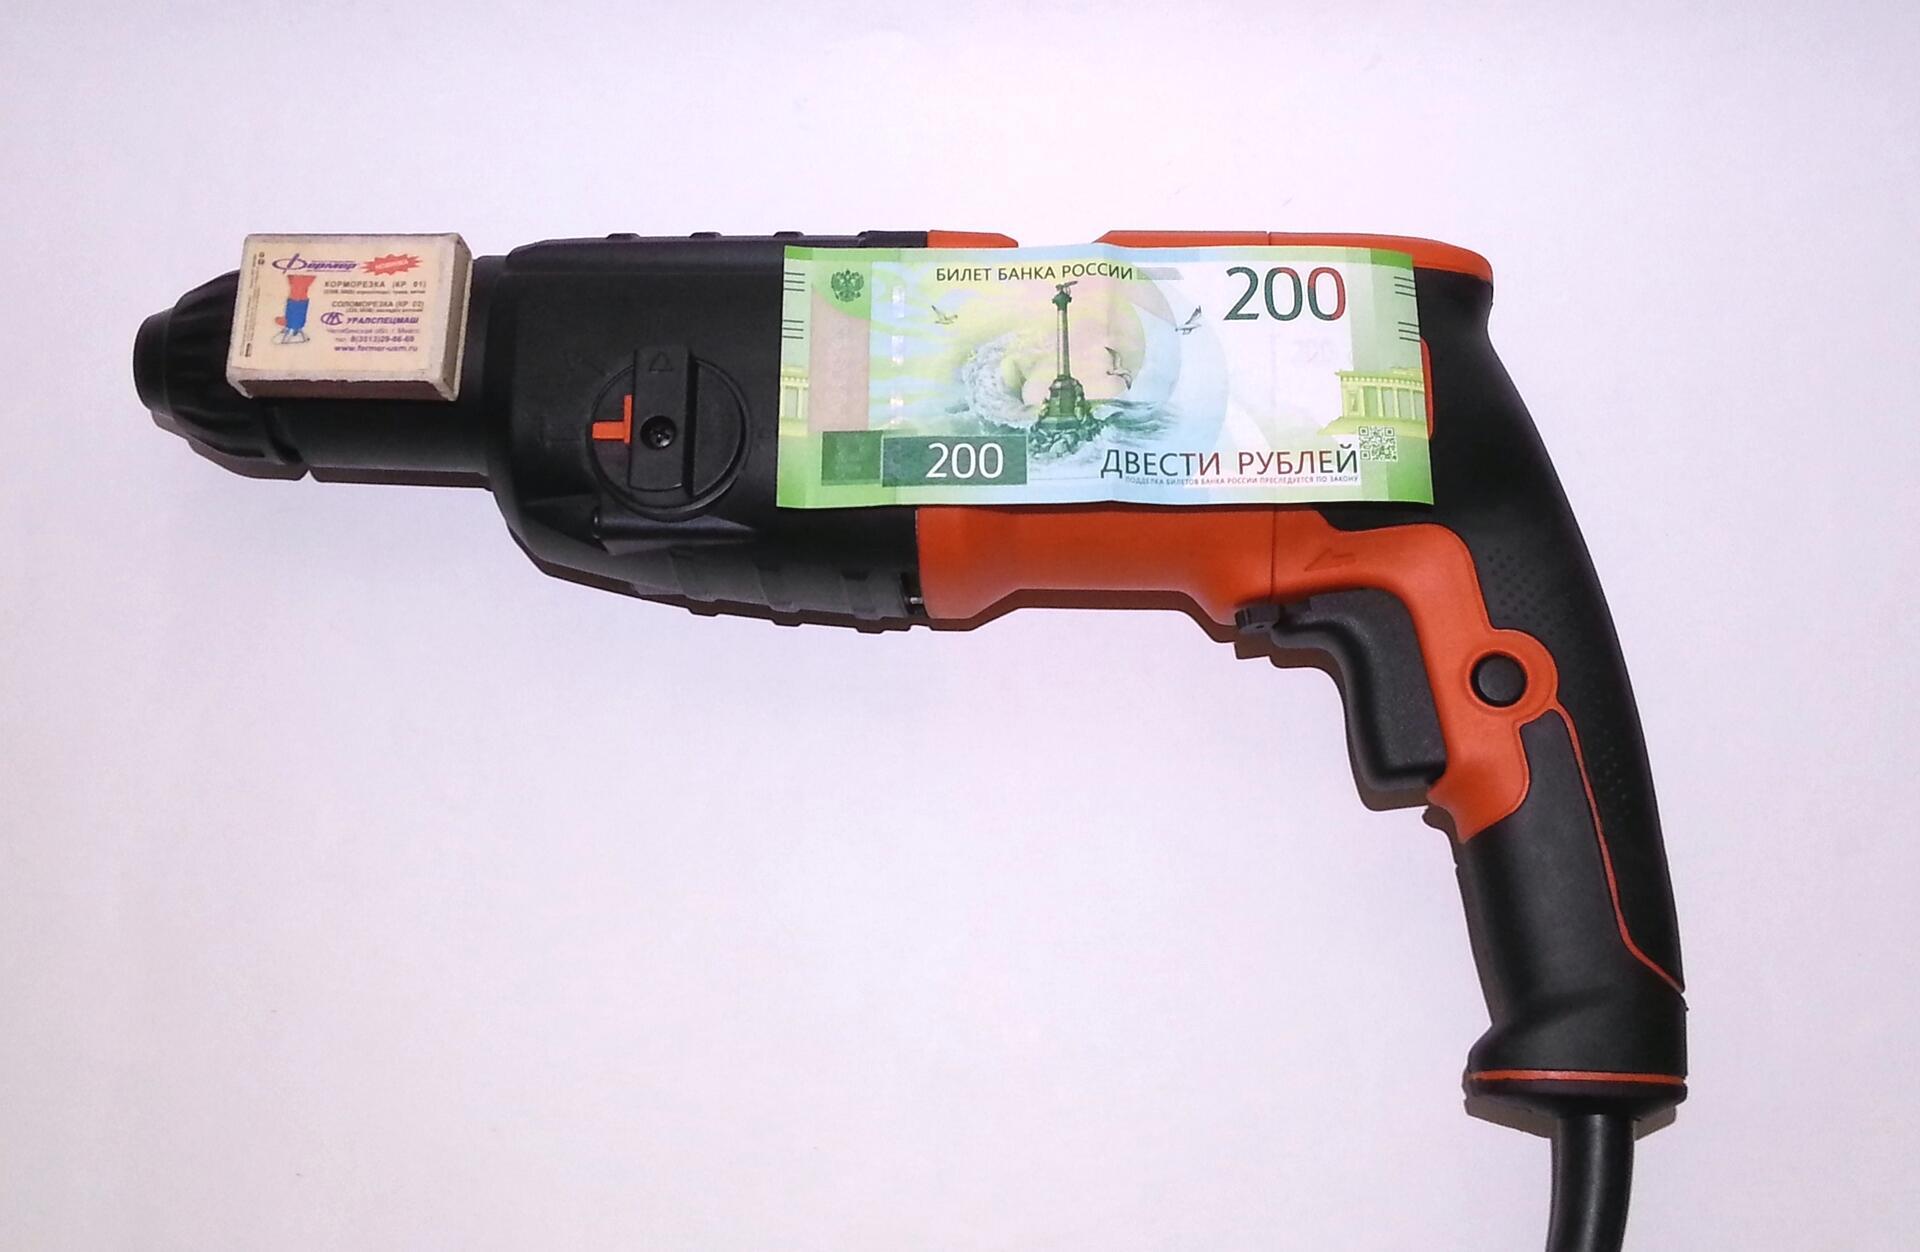 Instrumenty - Perforator Black & Decker BDR26K-RU – «rabochaya loshadka» dlya doma